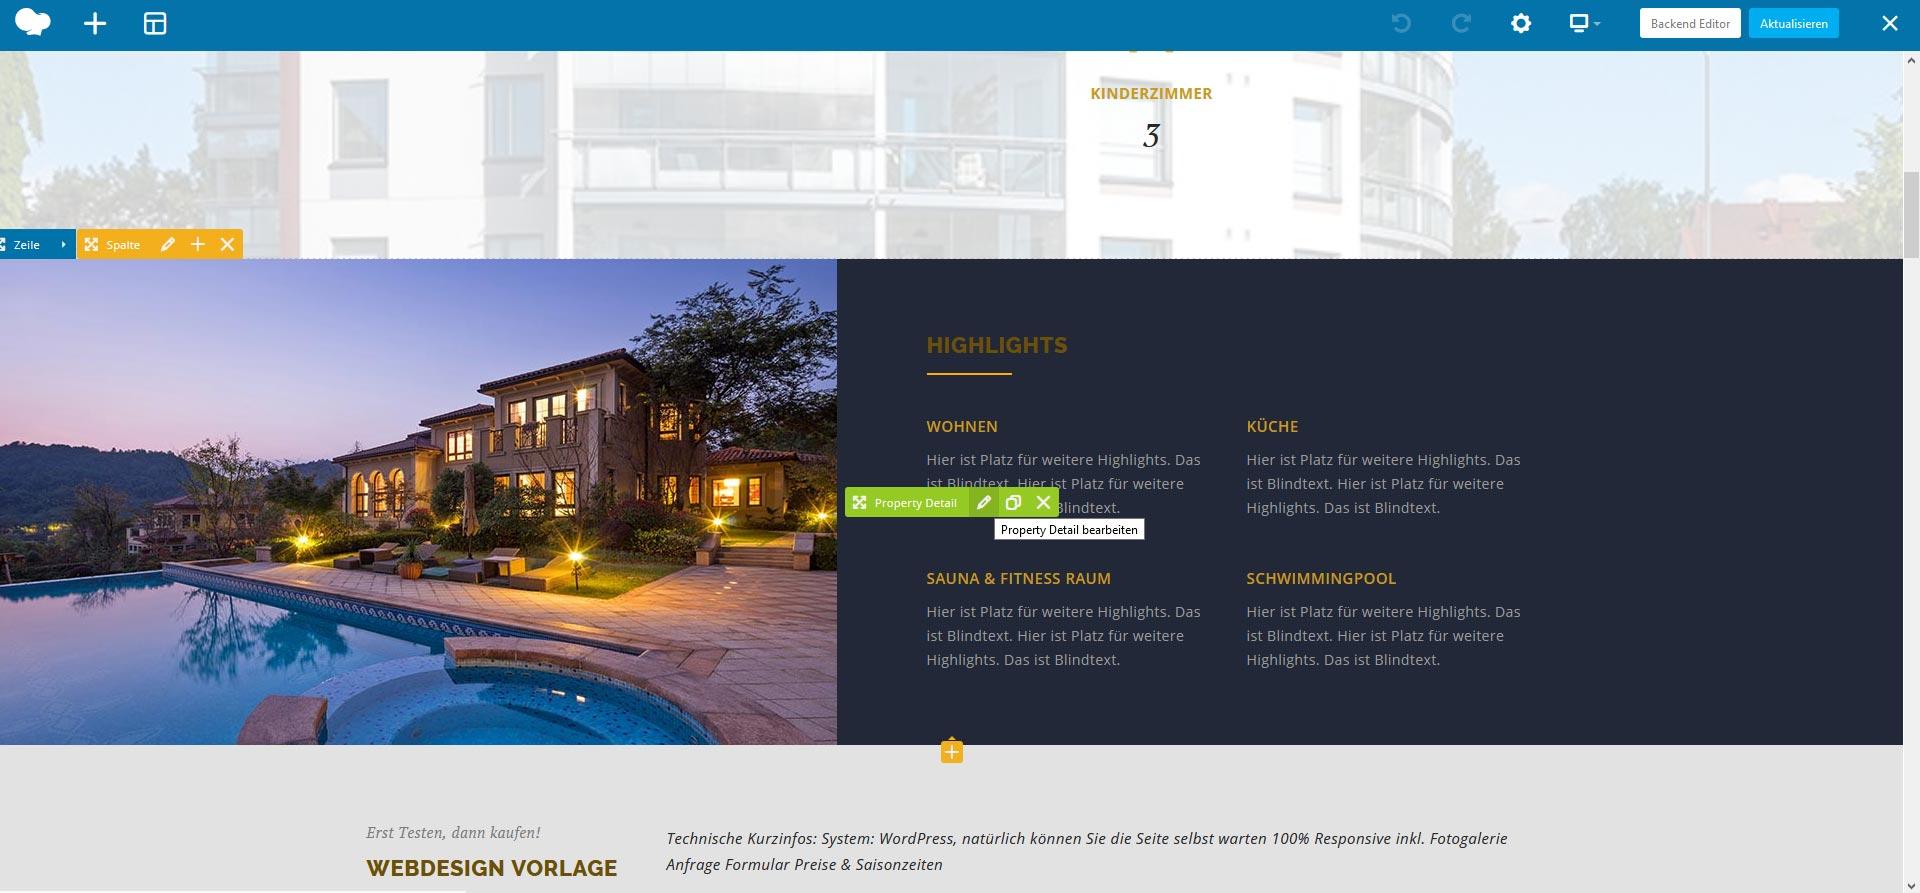 Website Bearbeitung in Liveansicht